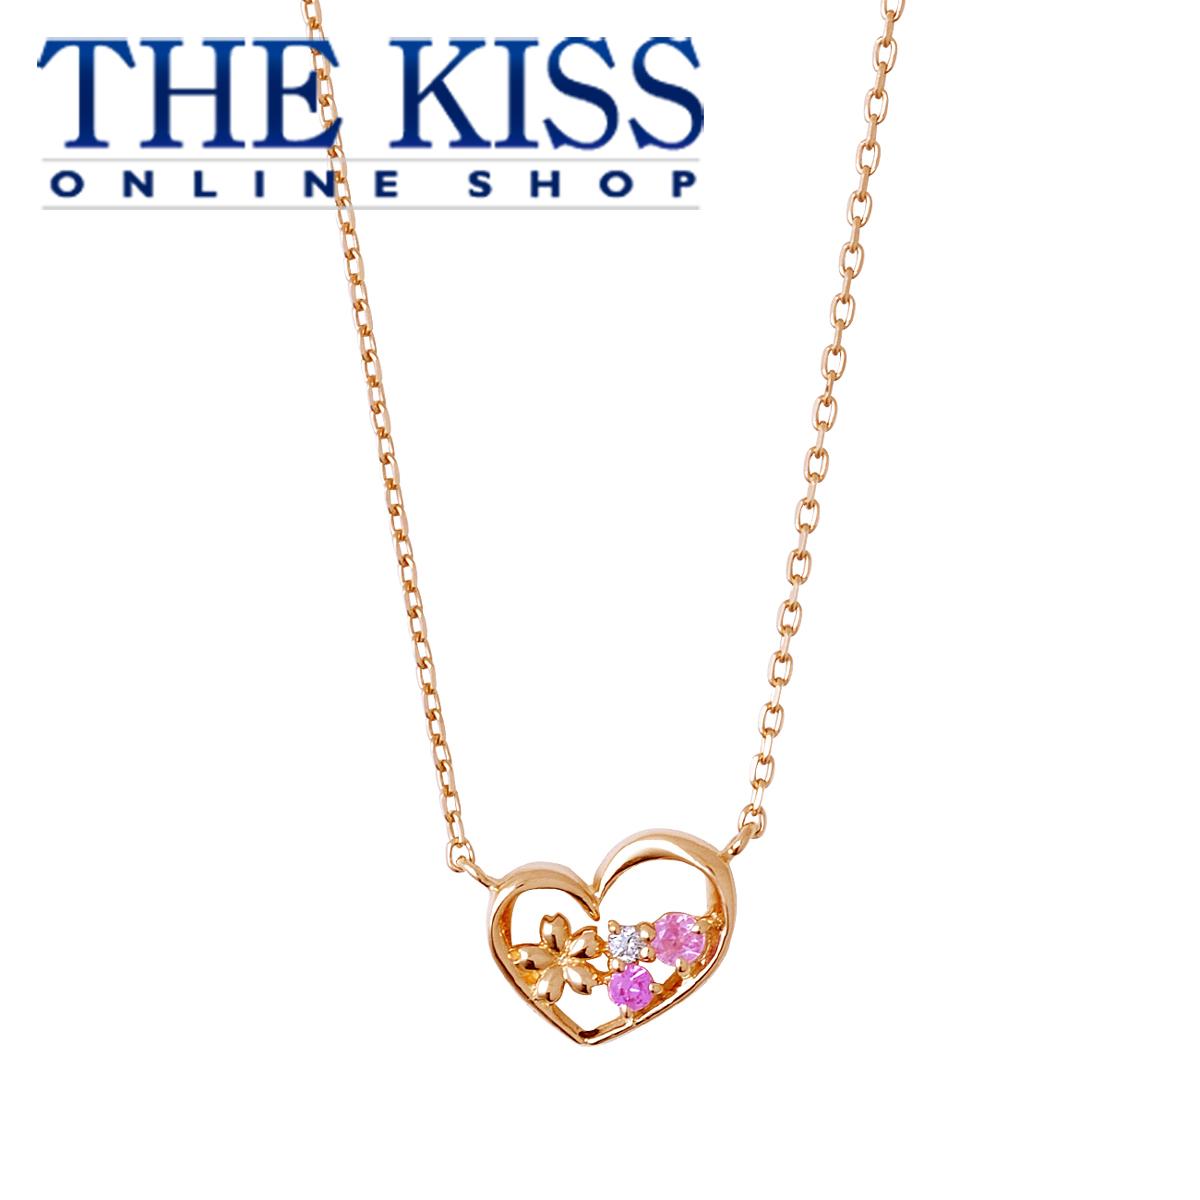 【ホワイトデー限定】【あす楽対応】【送料無料】【THEKISS】THE KISS 公式サイト K10ピンクゴールド ネックレス レディースジュエリー・アクセサリー ジュエリーブランド THEKISS ネックレス 2019WD-01N-DM ザキス